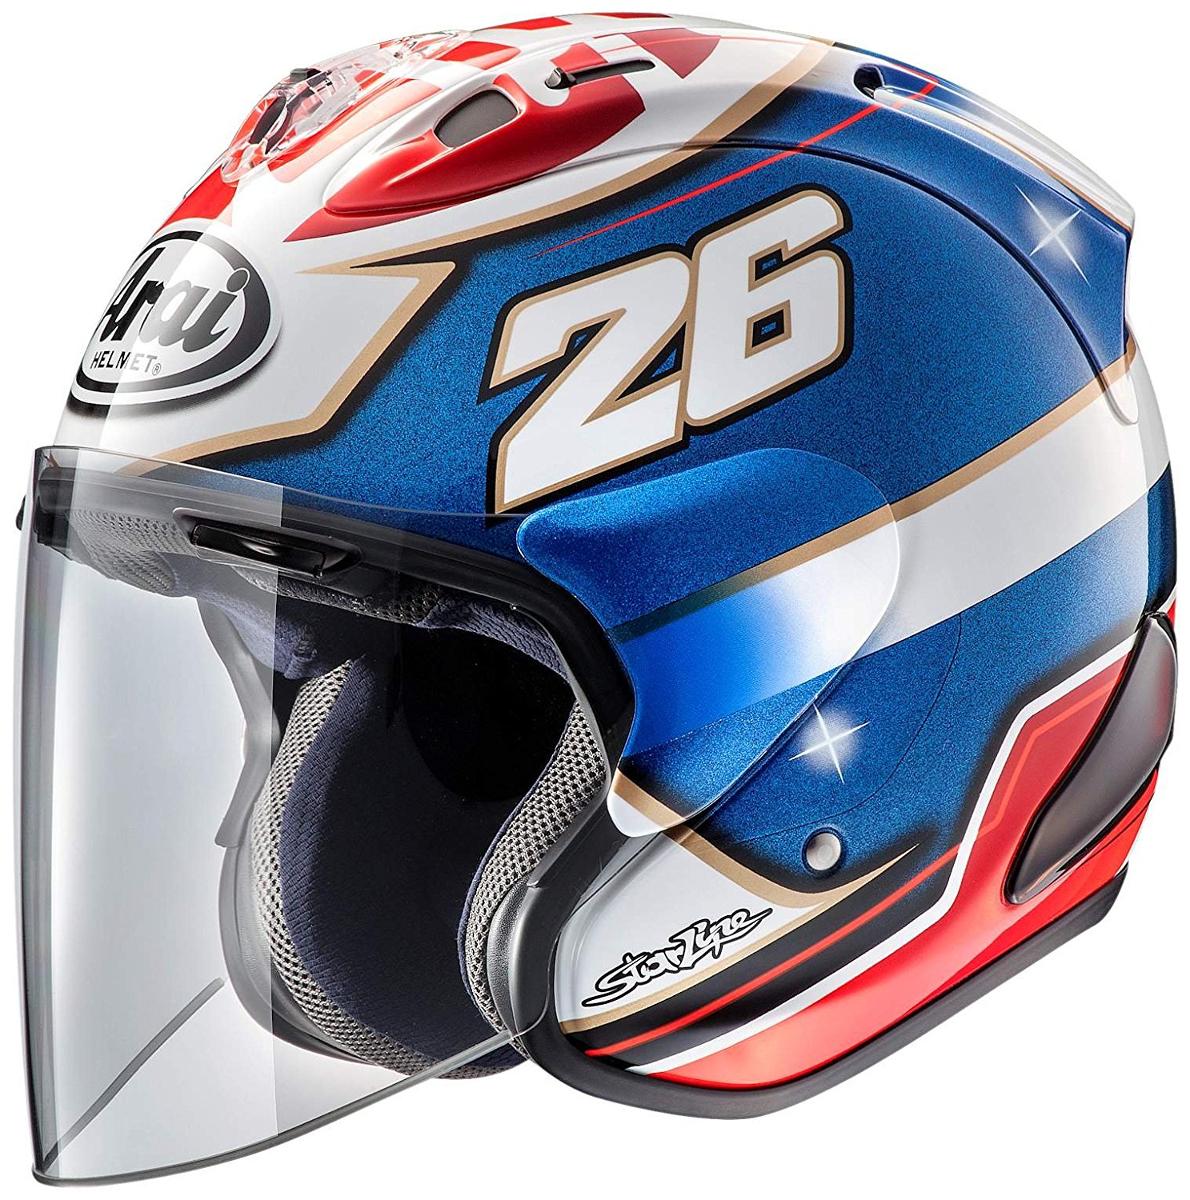 ARAI ジェットヘルメット SZ-RAM4X PEDROSA SAMURAI (ペドロサ サムライ) XSサイズ 54cm